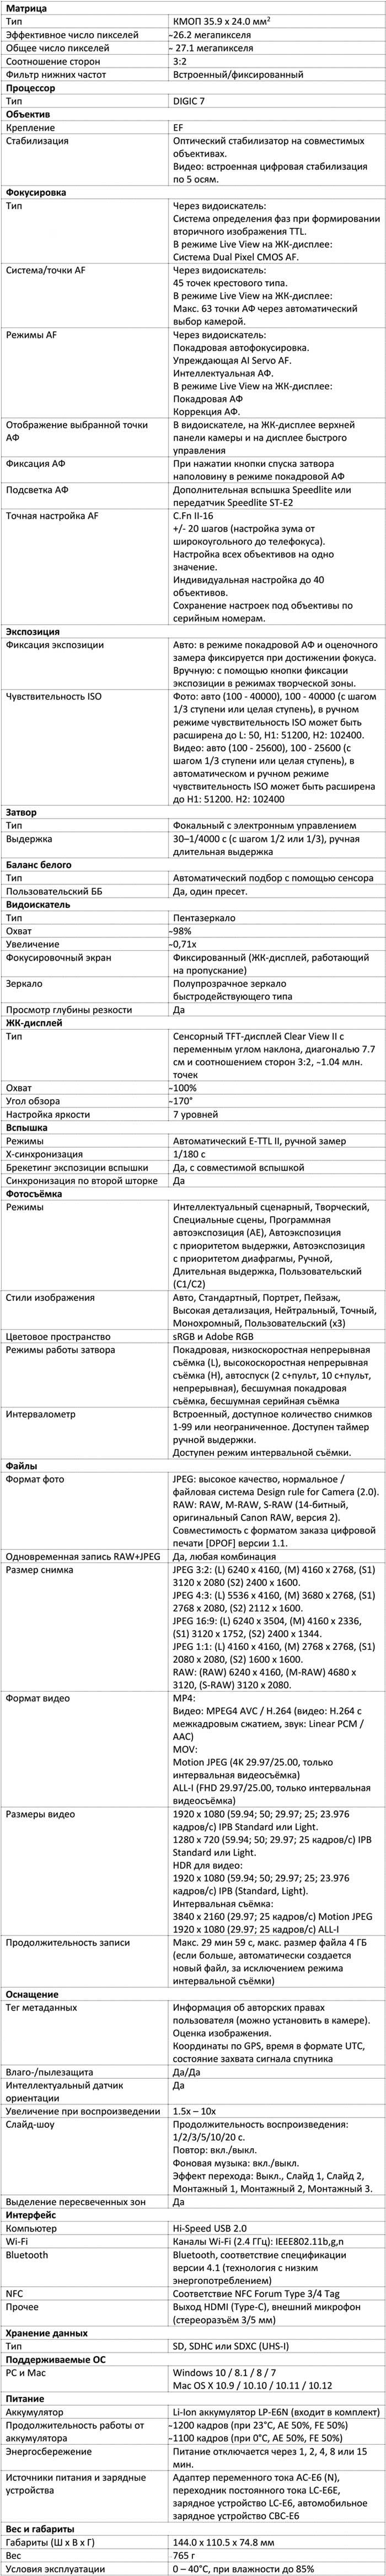 Характеристики EOS 6D Mark II